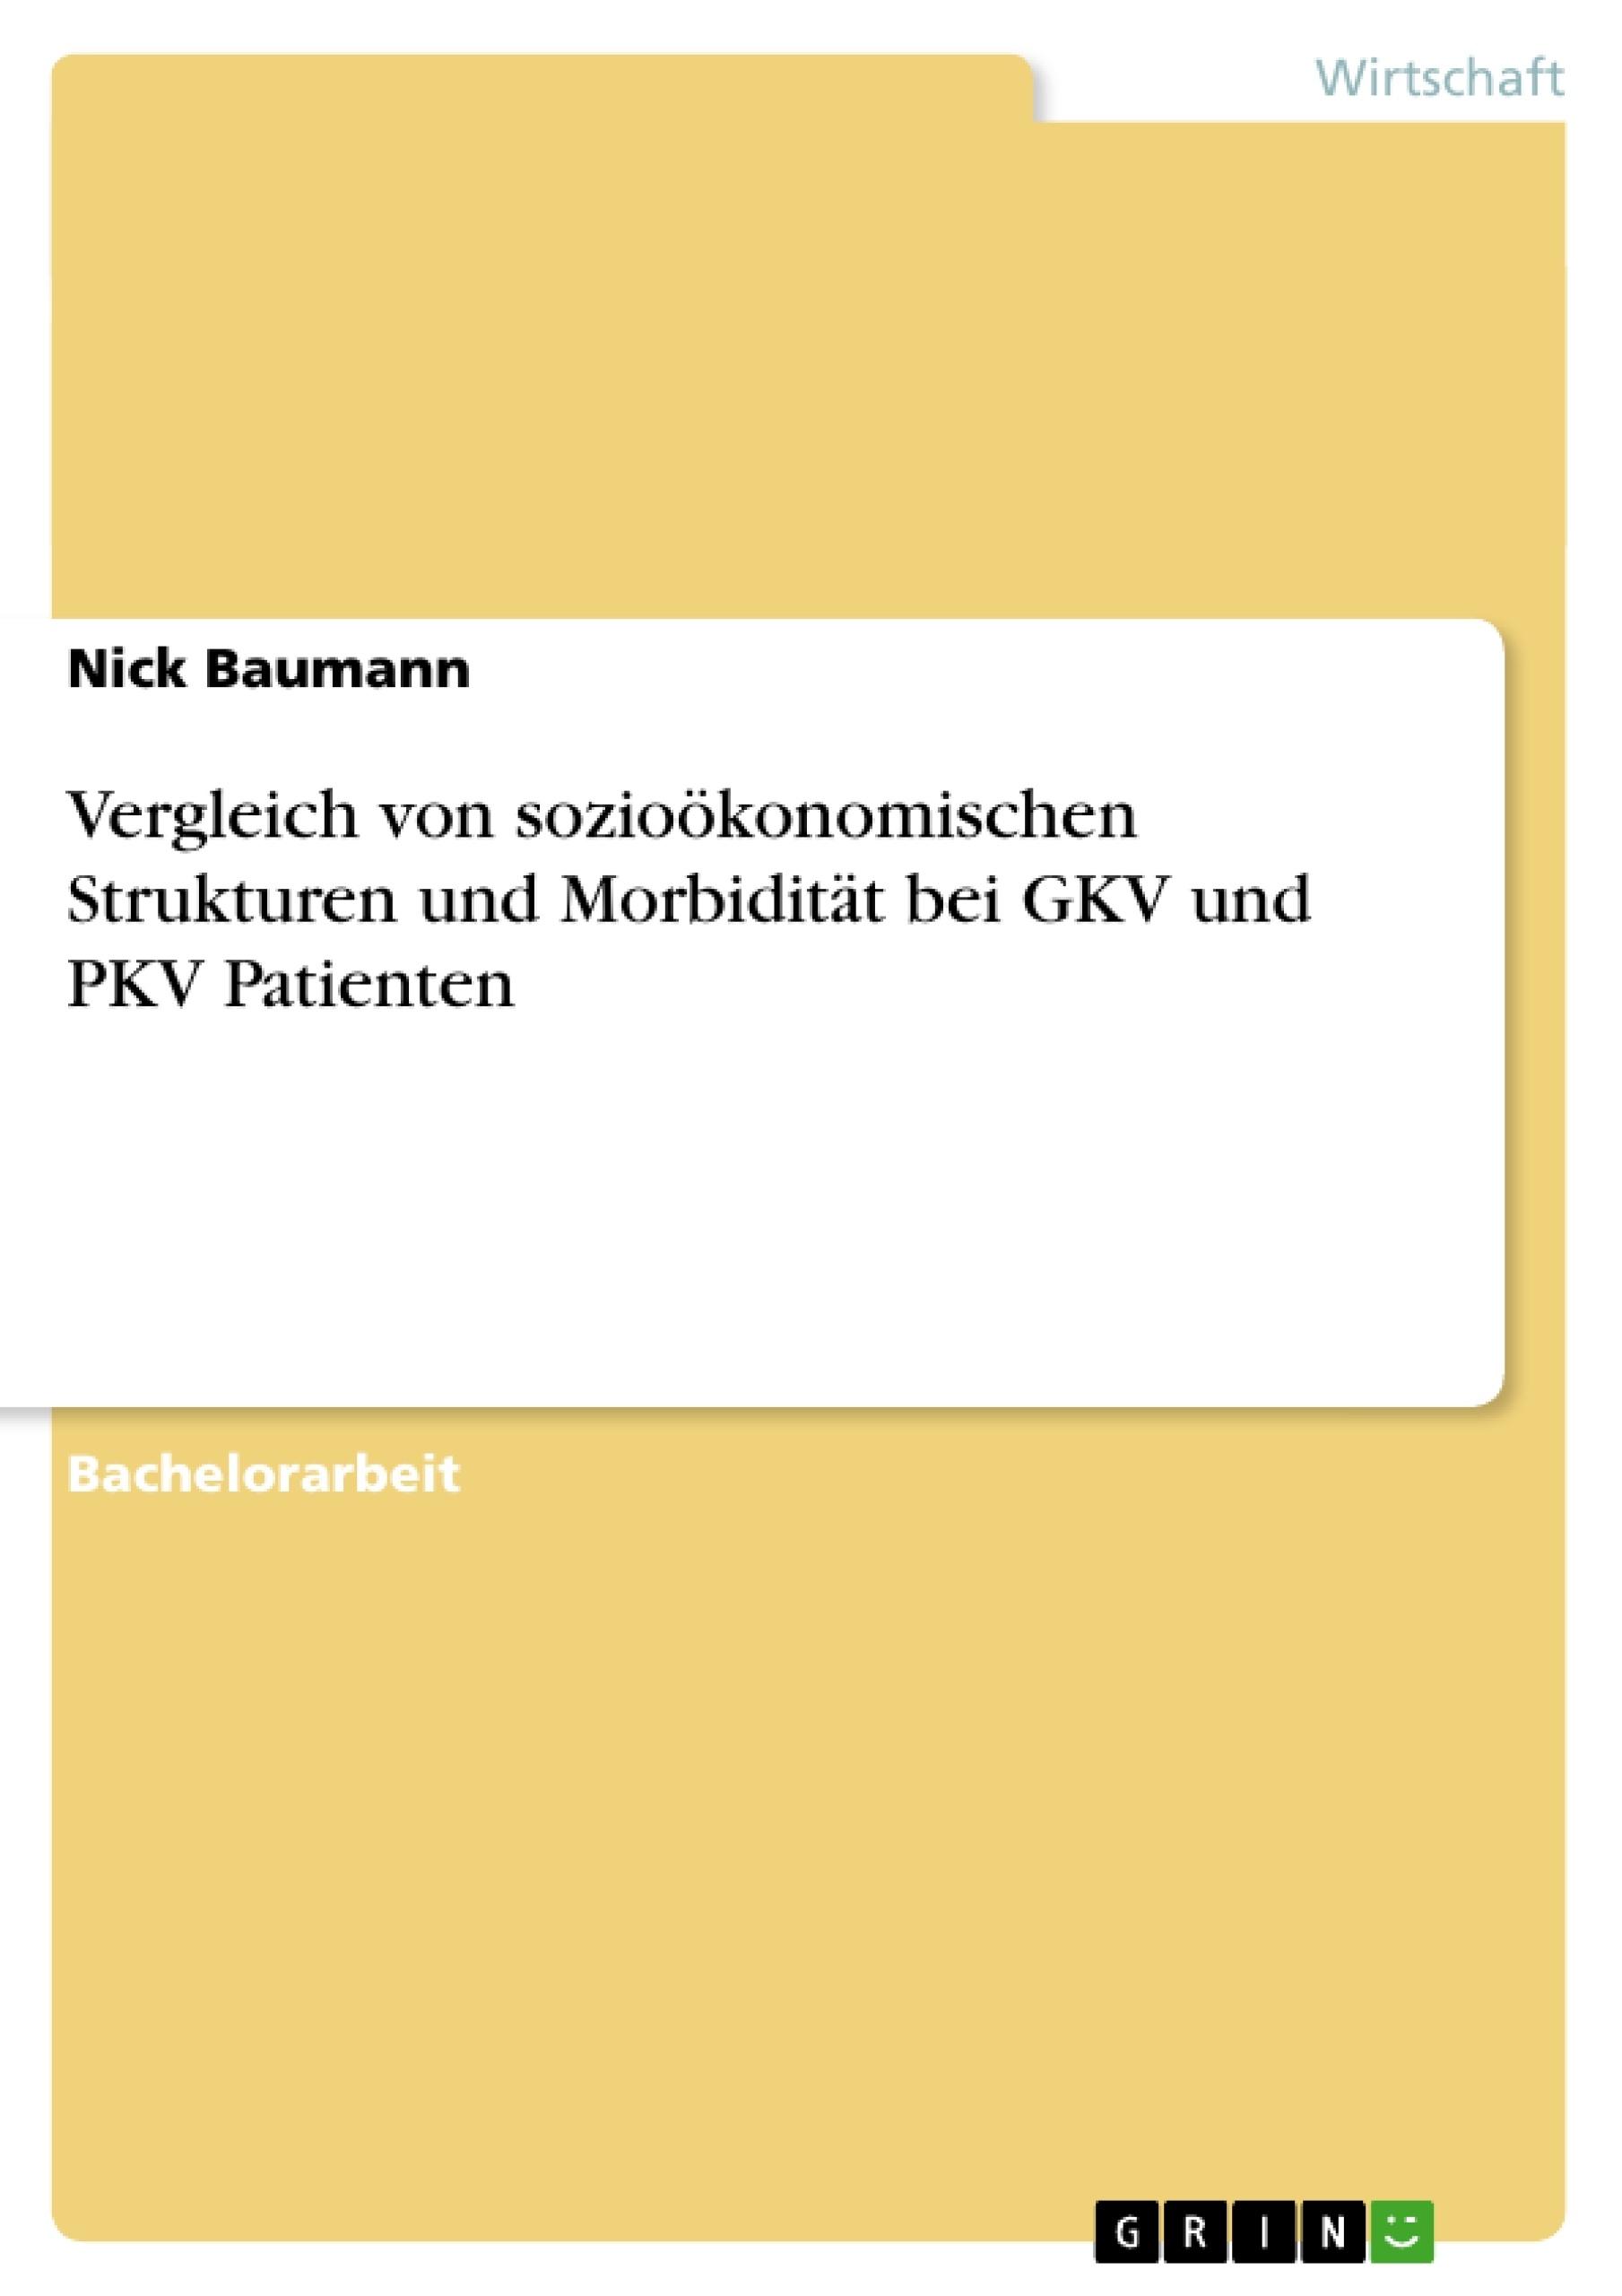 Titel: Vergleich von sozioökonomischen Strukturen und Morbidität bei GKV und PKV Patienten